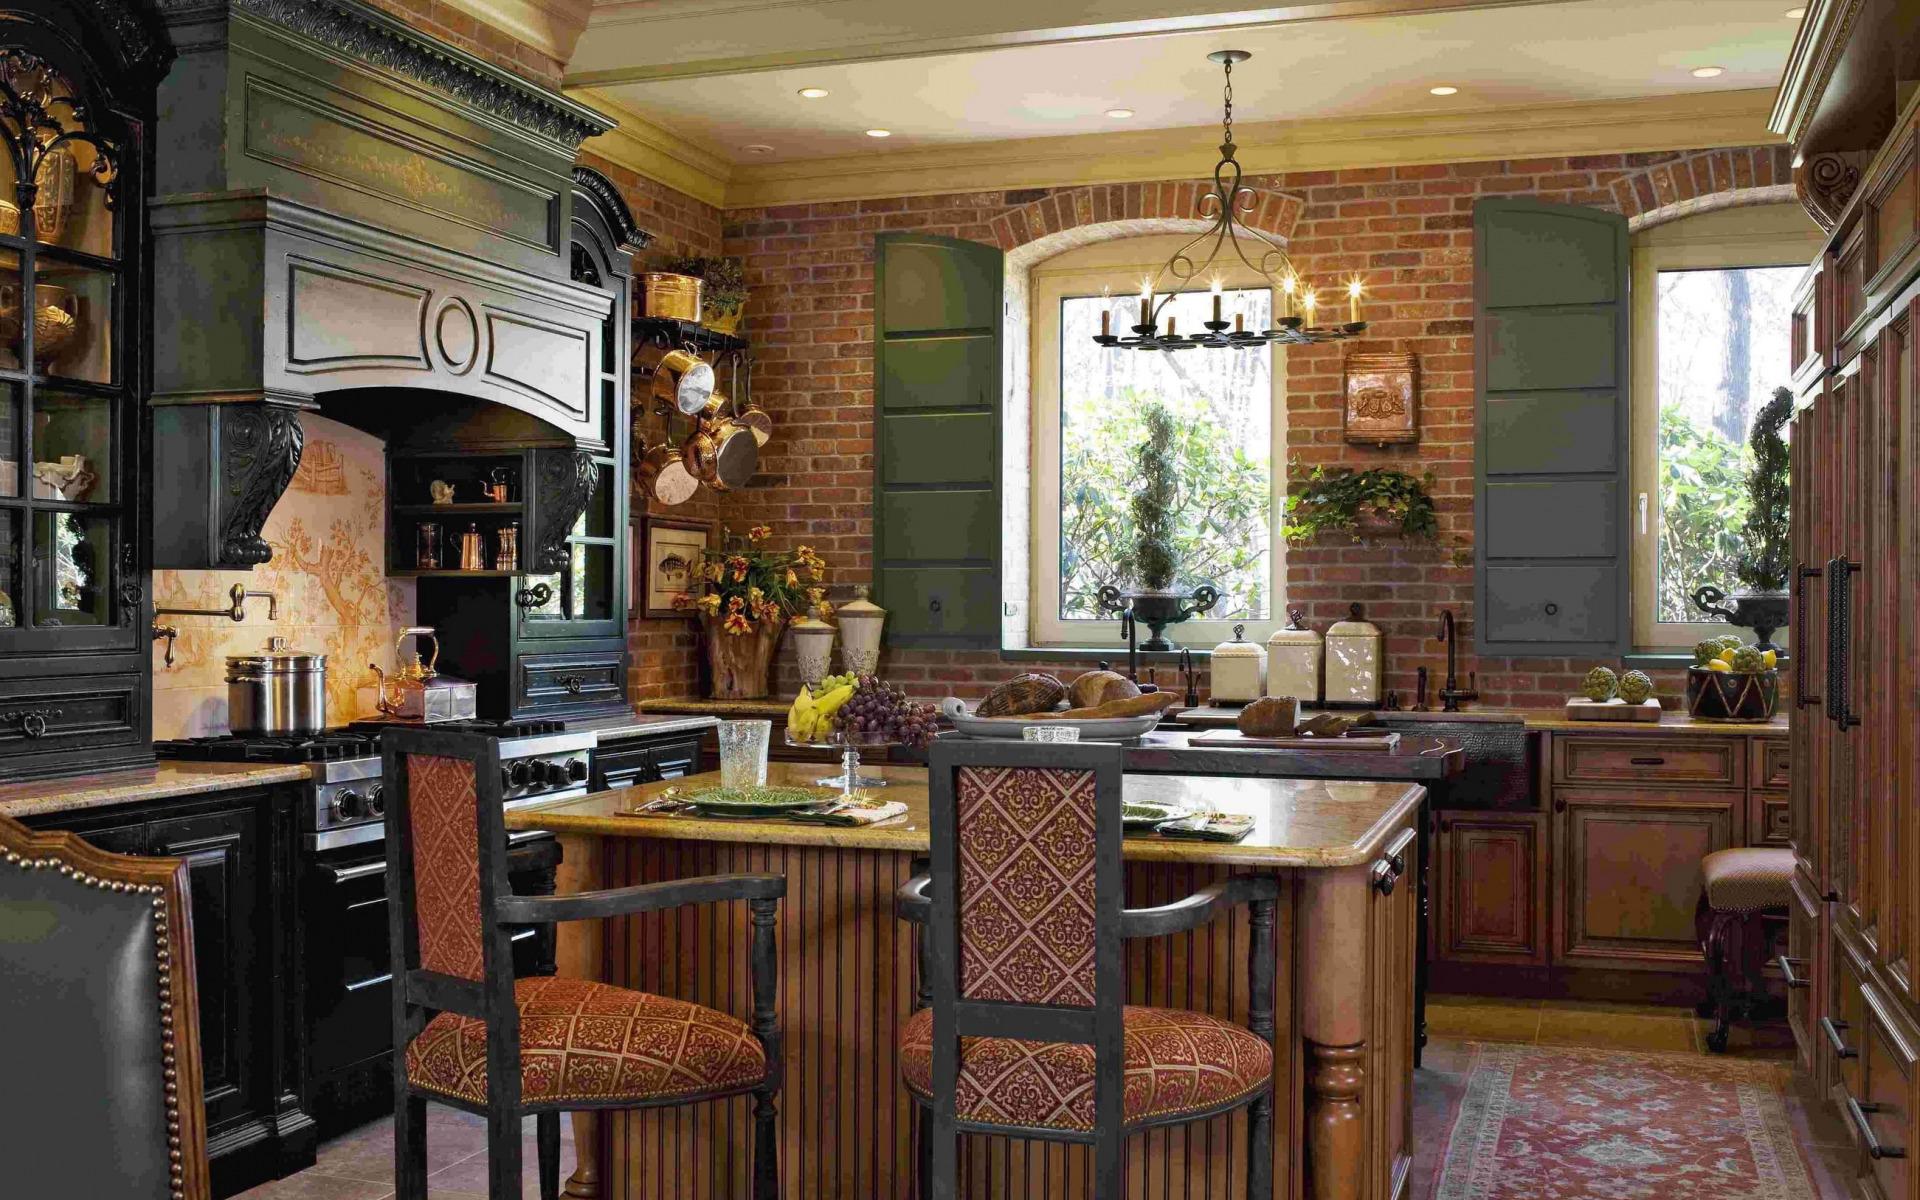 теплые яркие цвета в интерьере кухни